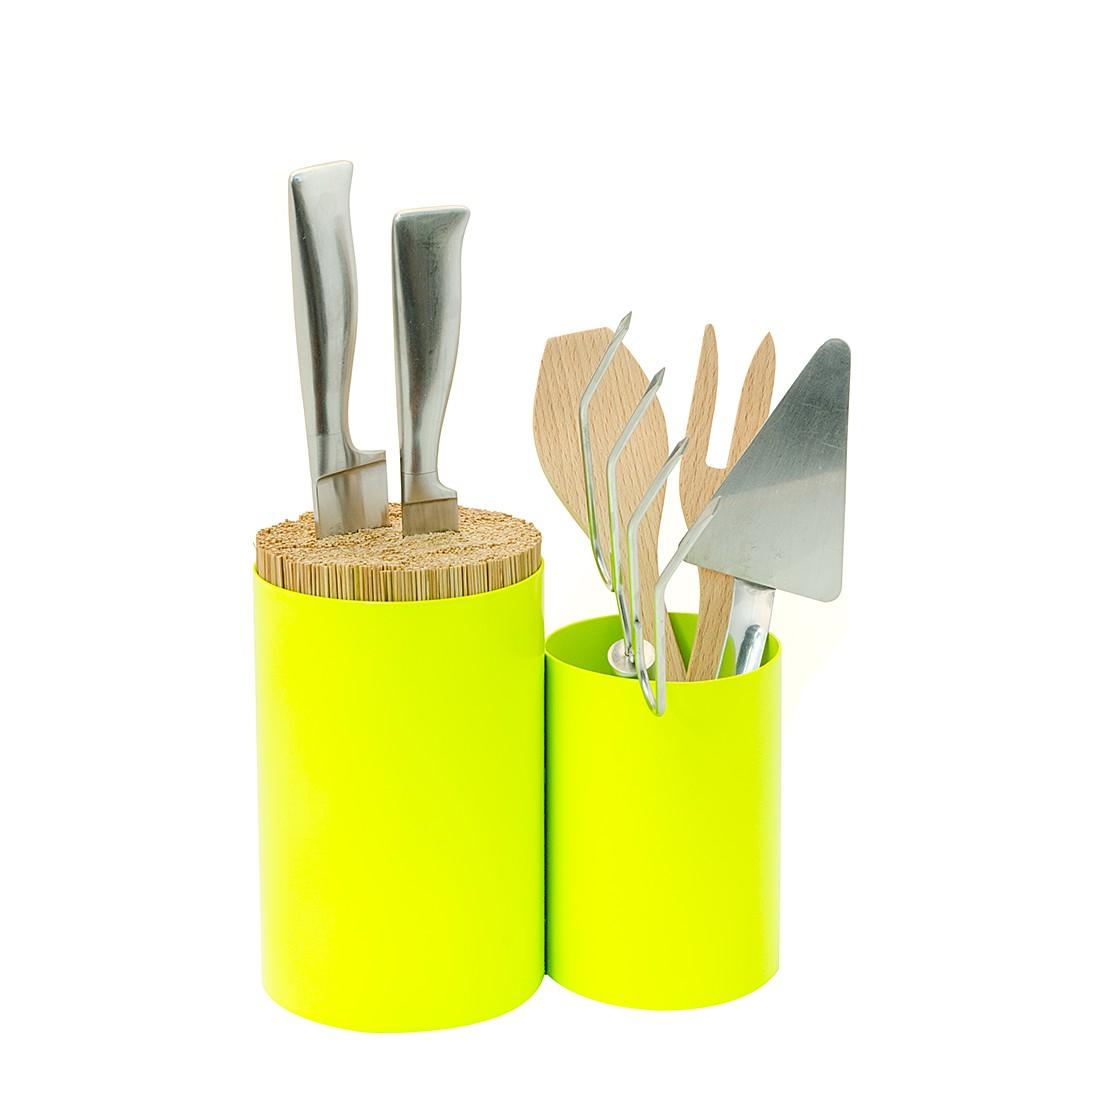 Besteckbehälter Knife & Spoon – Stahl – Lime, Wireworks online kaufen